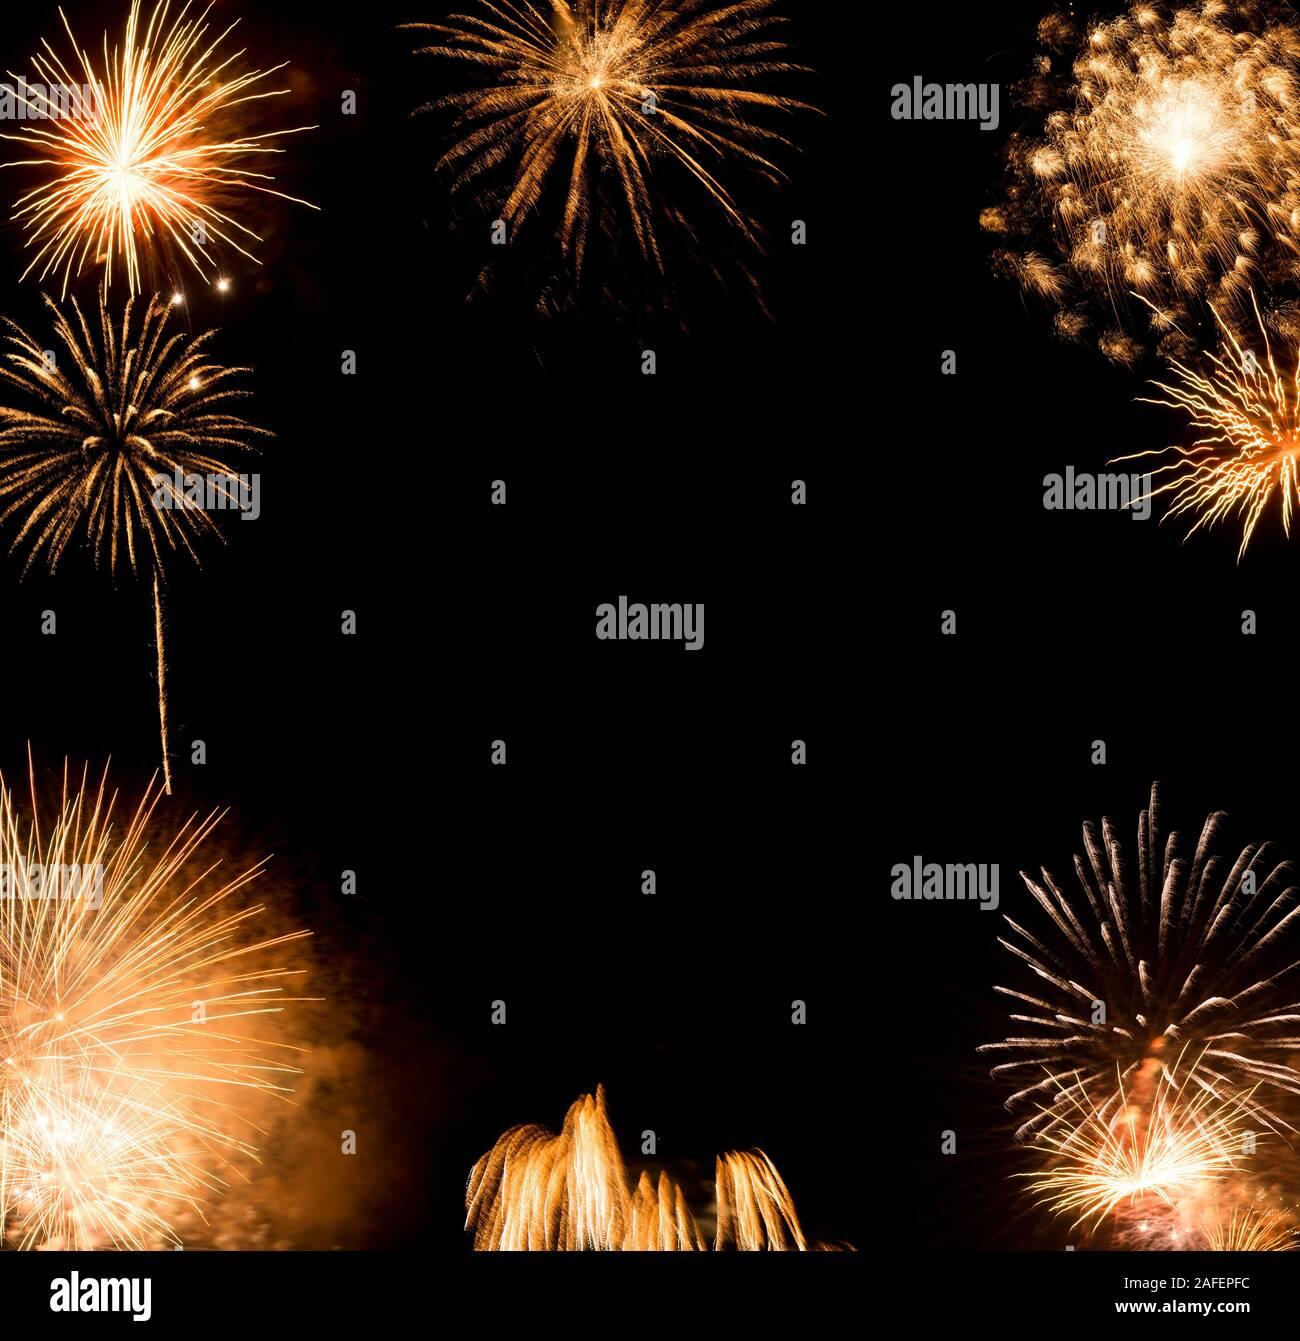 Fondo de fuegos artificiales de Año Nuevo, Año Nuevo deseos concepto Foto de stock